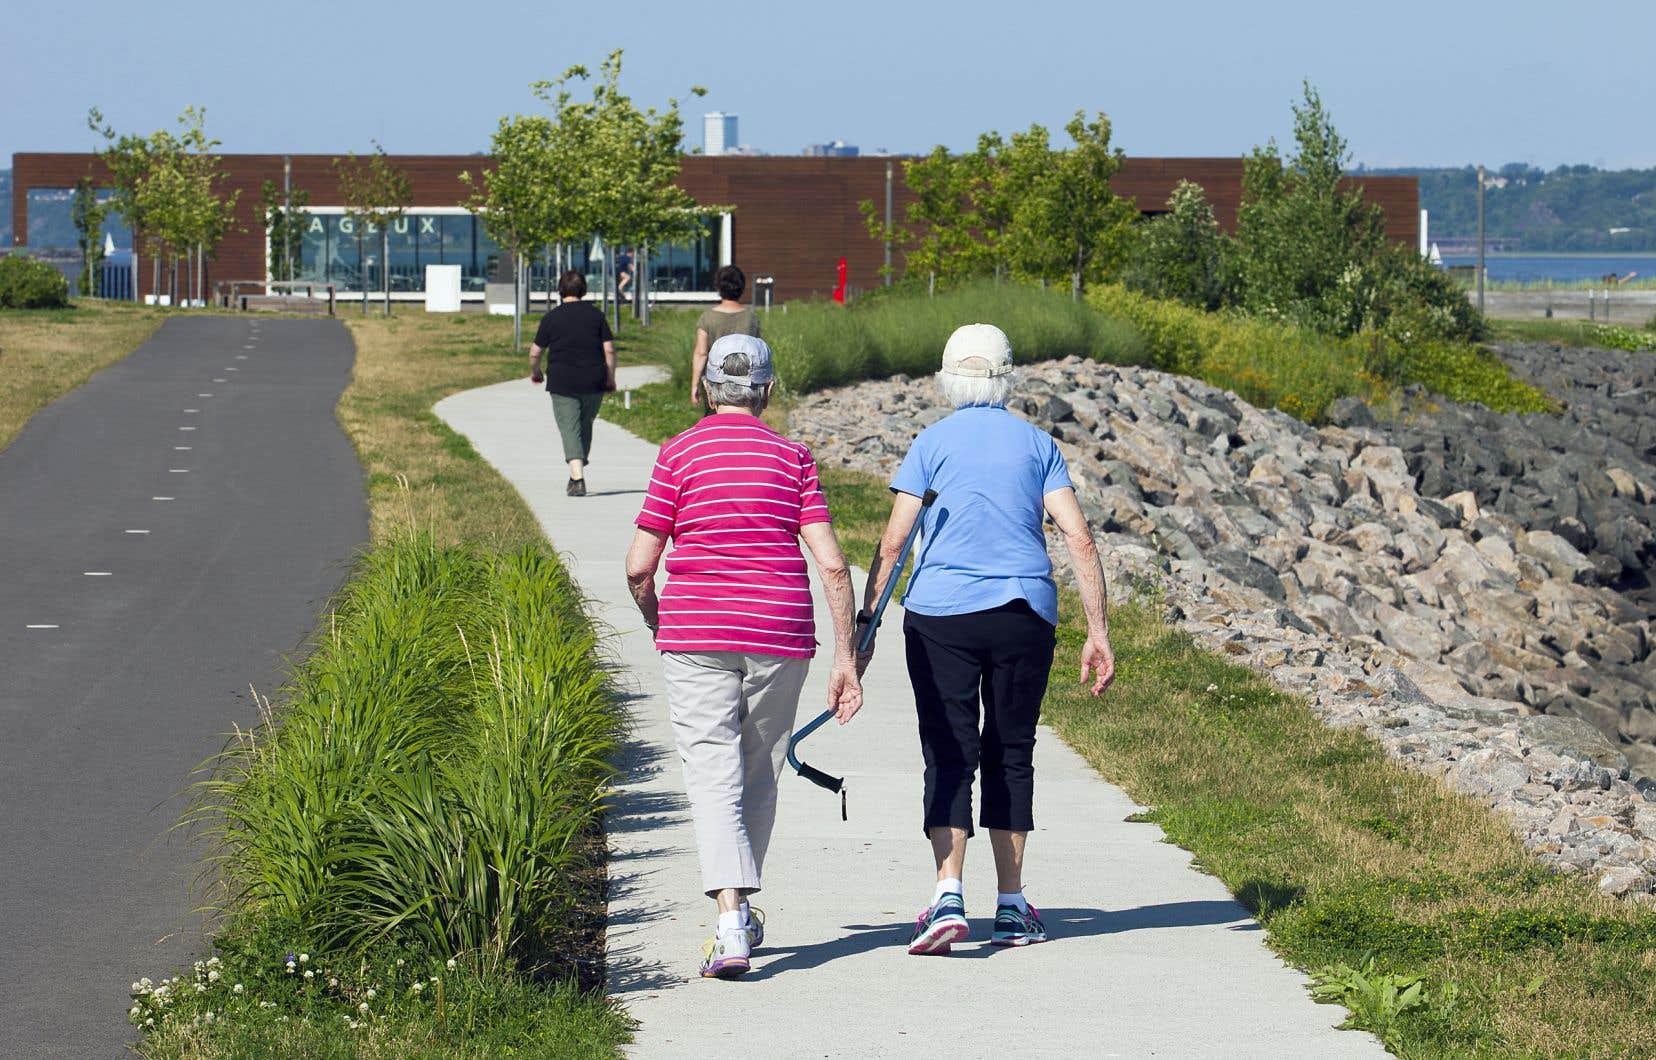 Selon des données, chez les femmes âgées, la participation sociale apparaît comme une variable importante pour se maintenir dans le profil des personnes en meilleure santé.